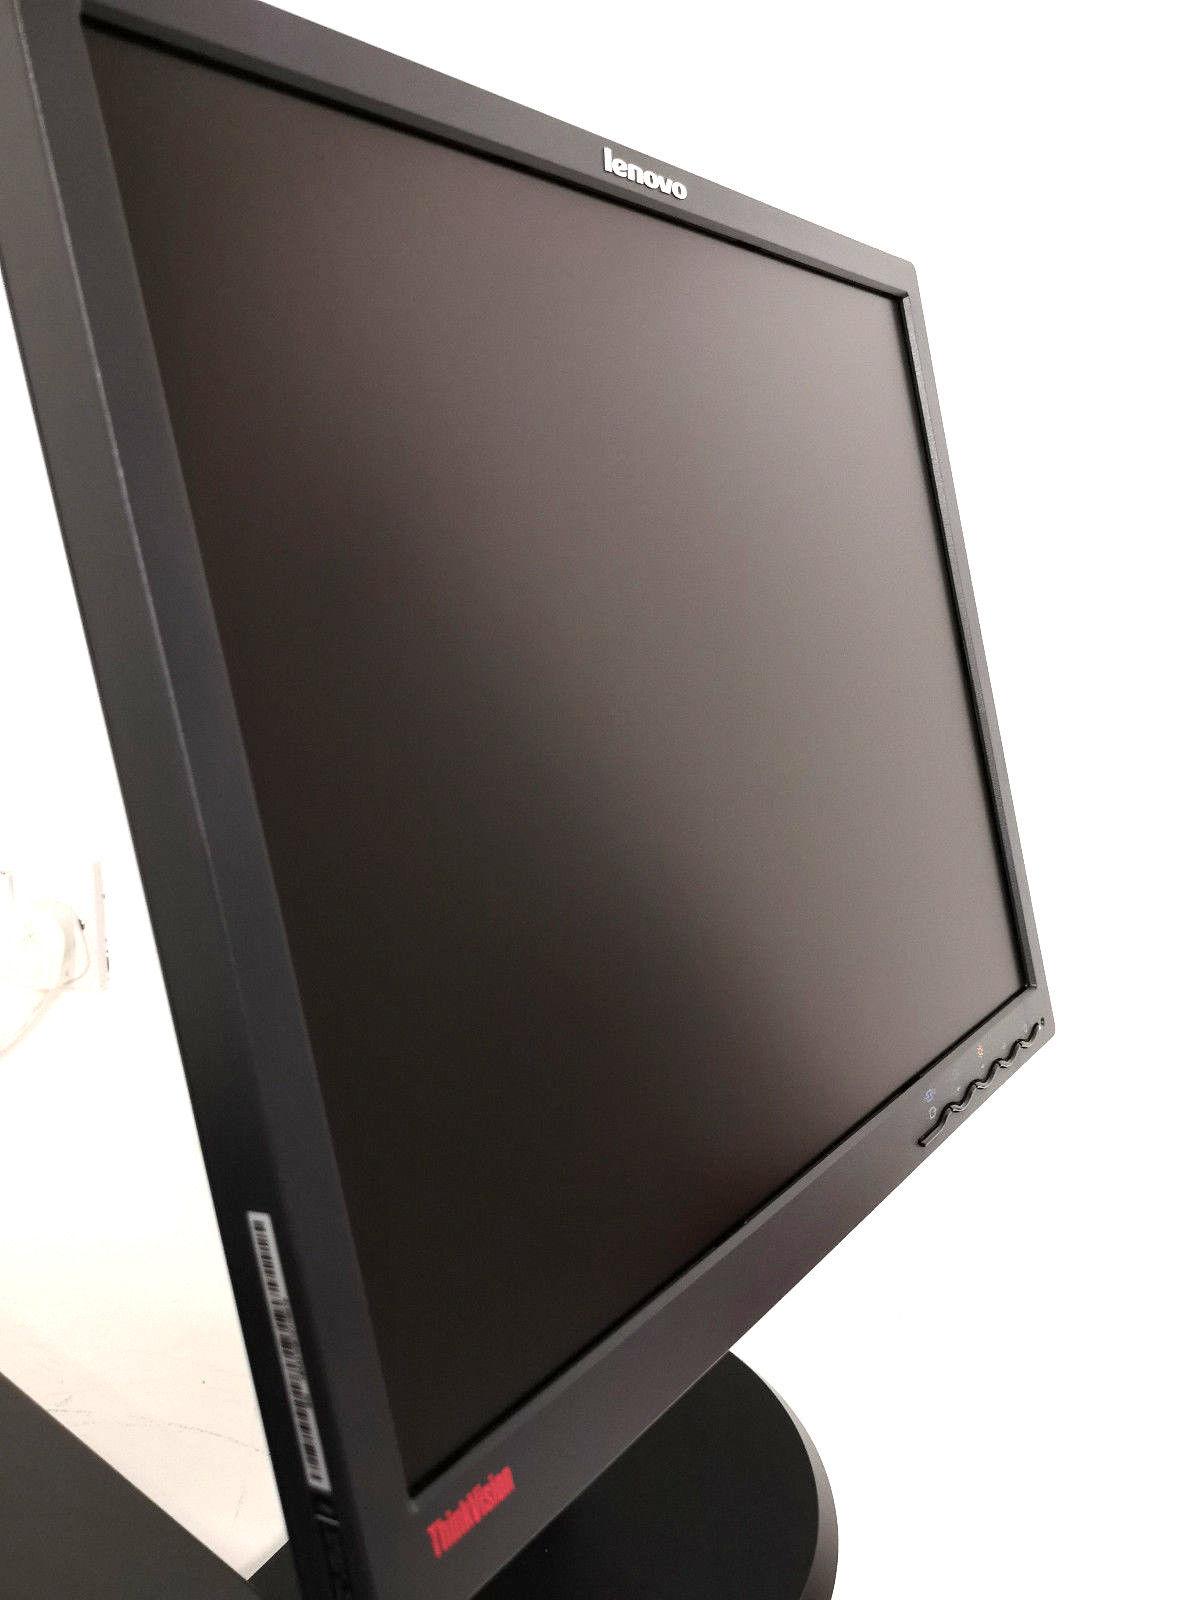 Lenovo ThinkCentre 7522-7UG No 6